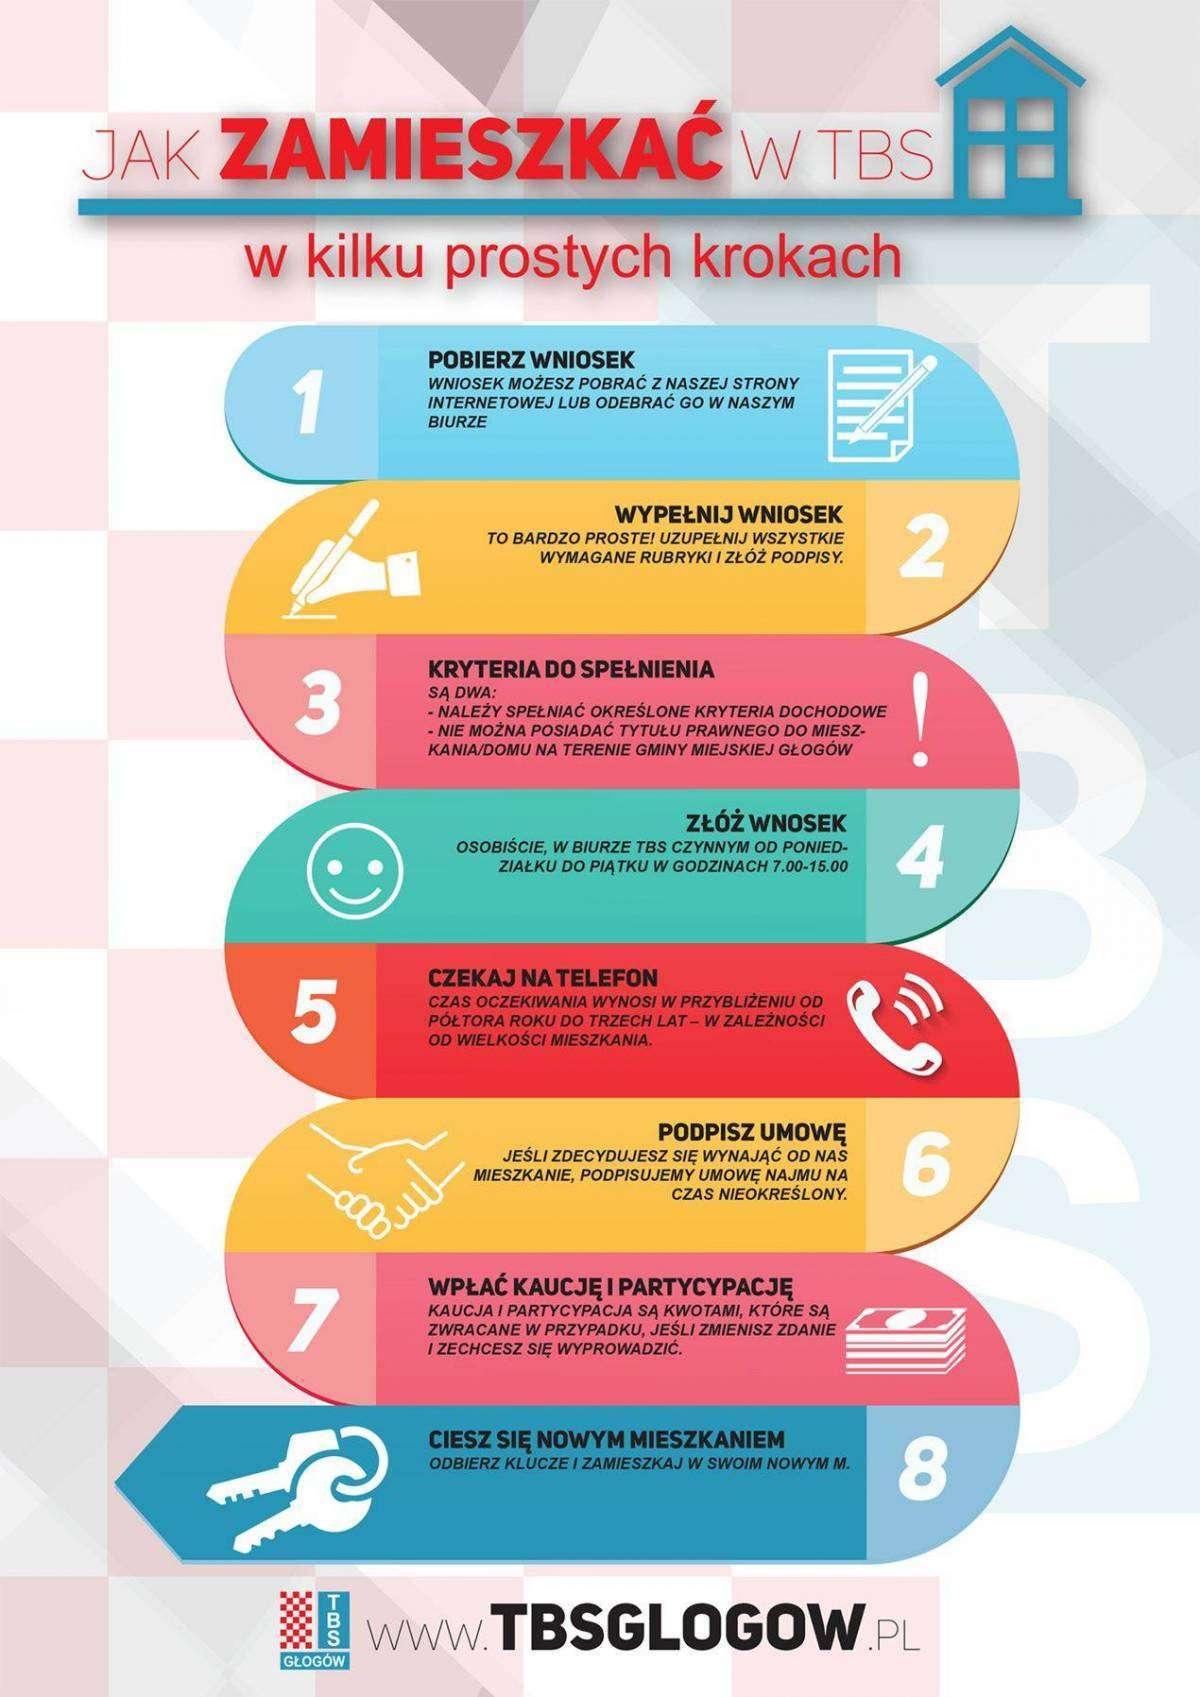 Info_jak-zamieszkać-w-TBS-infografika